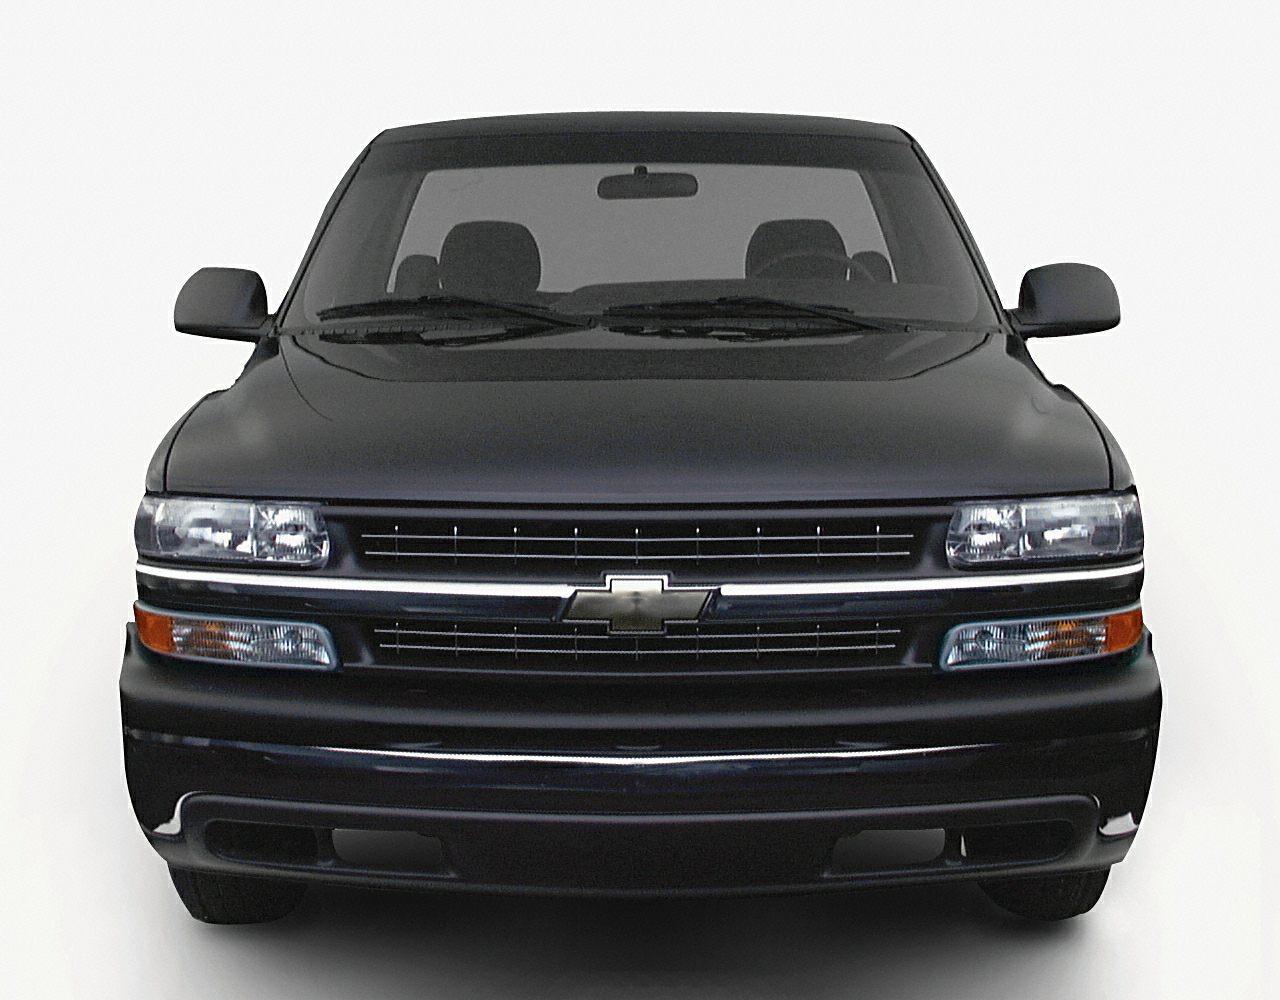 2000 Chevrolet Silverado 1500 Pictures